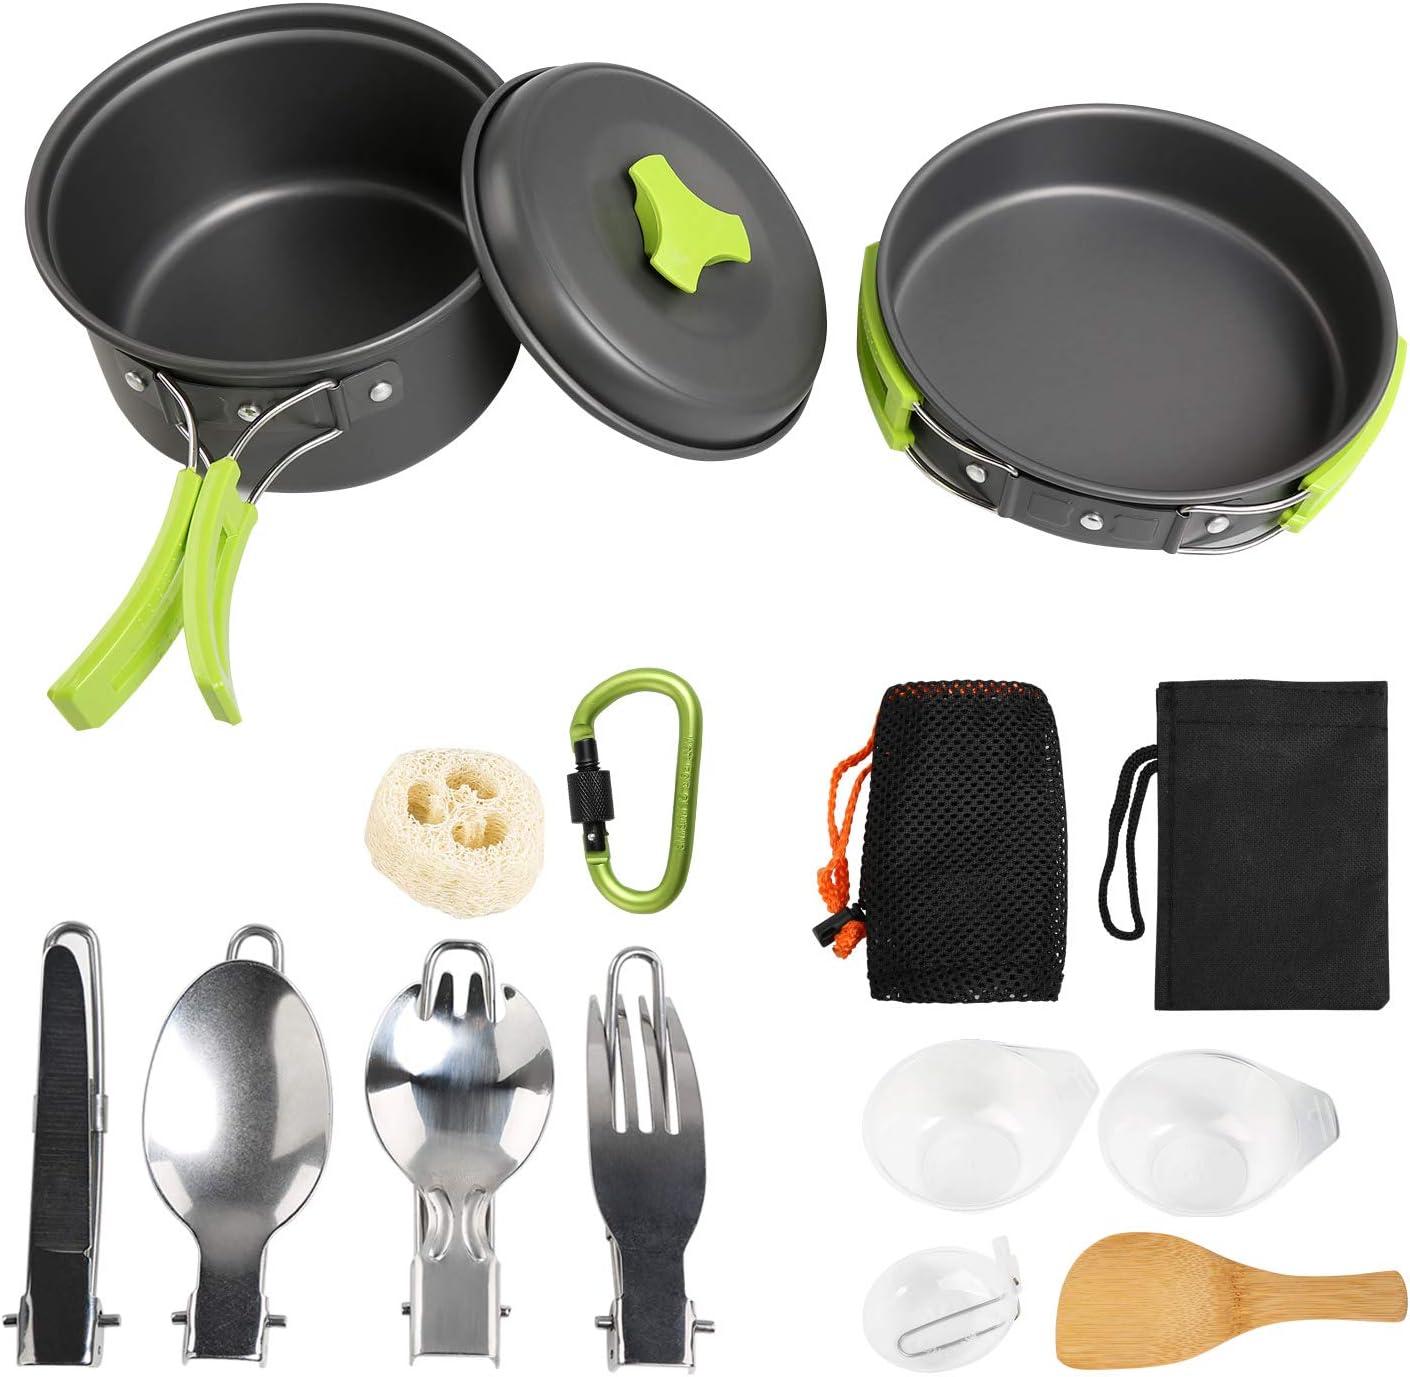 Ballery Kit de Utensilios de Cocina para Acampar, Mini Kit de Utensilios de Cocina, 15 Piezas Mini Kit de Acampar de Cocinar para 1-4 Personas Mochilero, Camping al Aire Libre Senderismo y